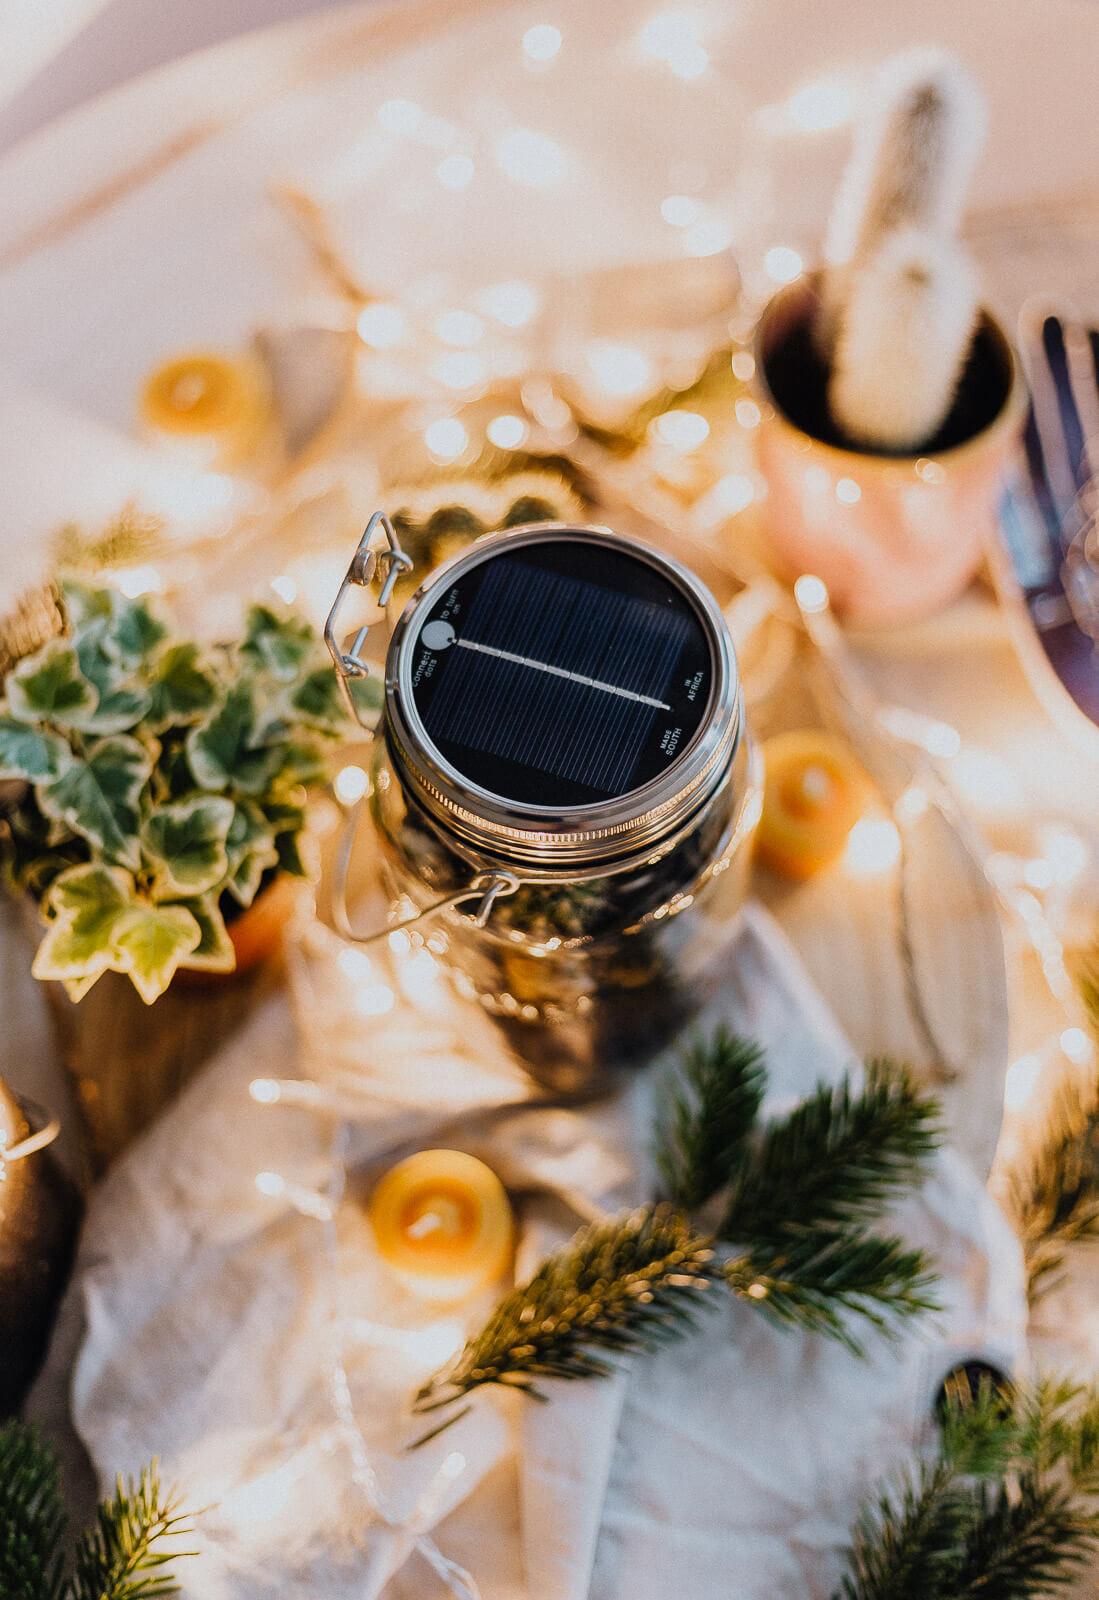 Sonnenglas, Fair Trade, Sonnenglas, Solarlicht, Fair Trade Afrika, Solarlampe, LED Licht, Weihnachtsgeschenke nachhaltig, Geschenk nachhaltig, Geschenke Zero Waste, Weniger Müll Geschenke